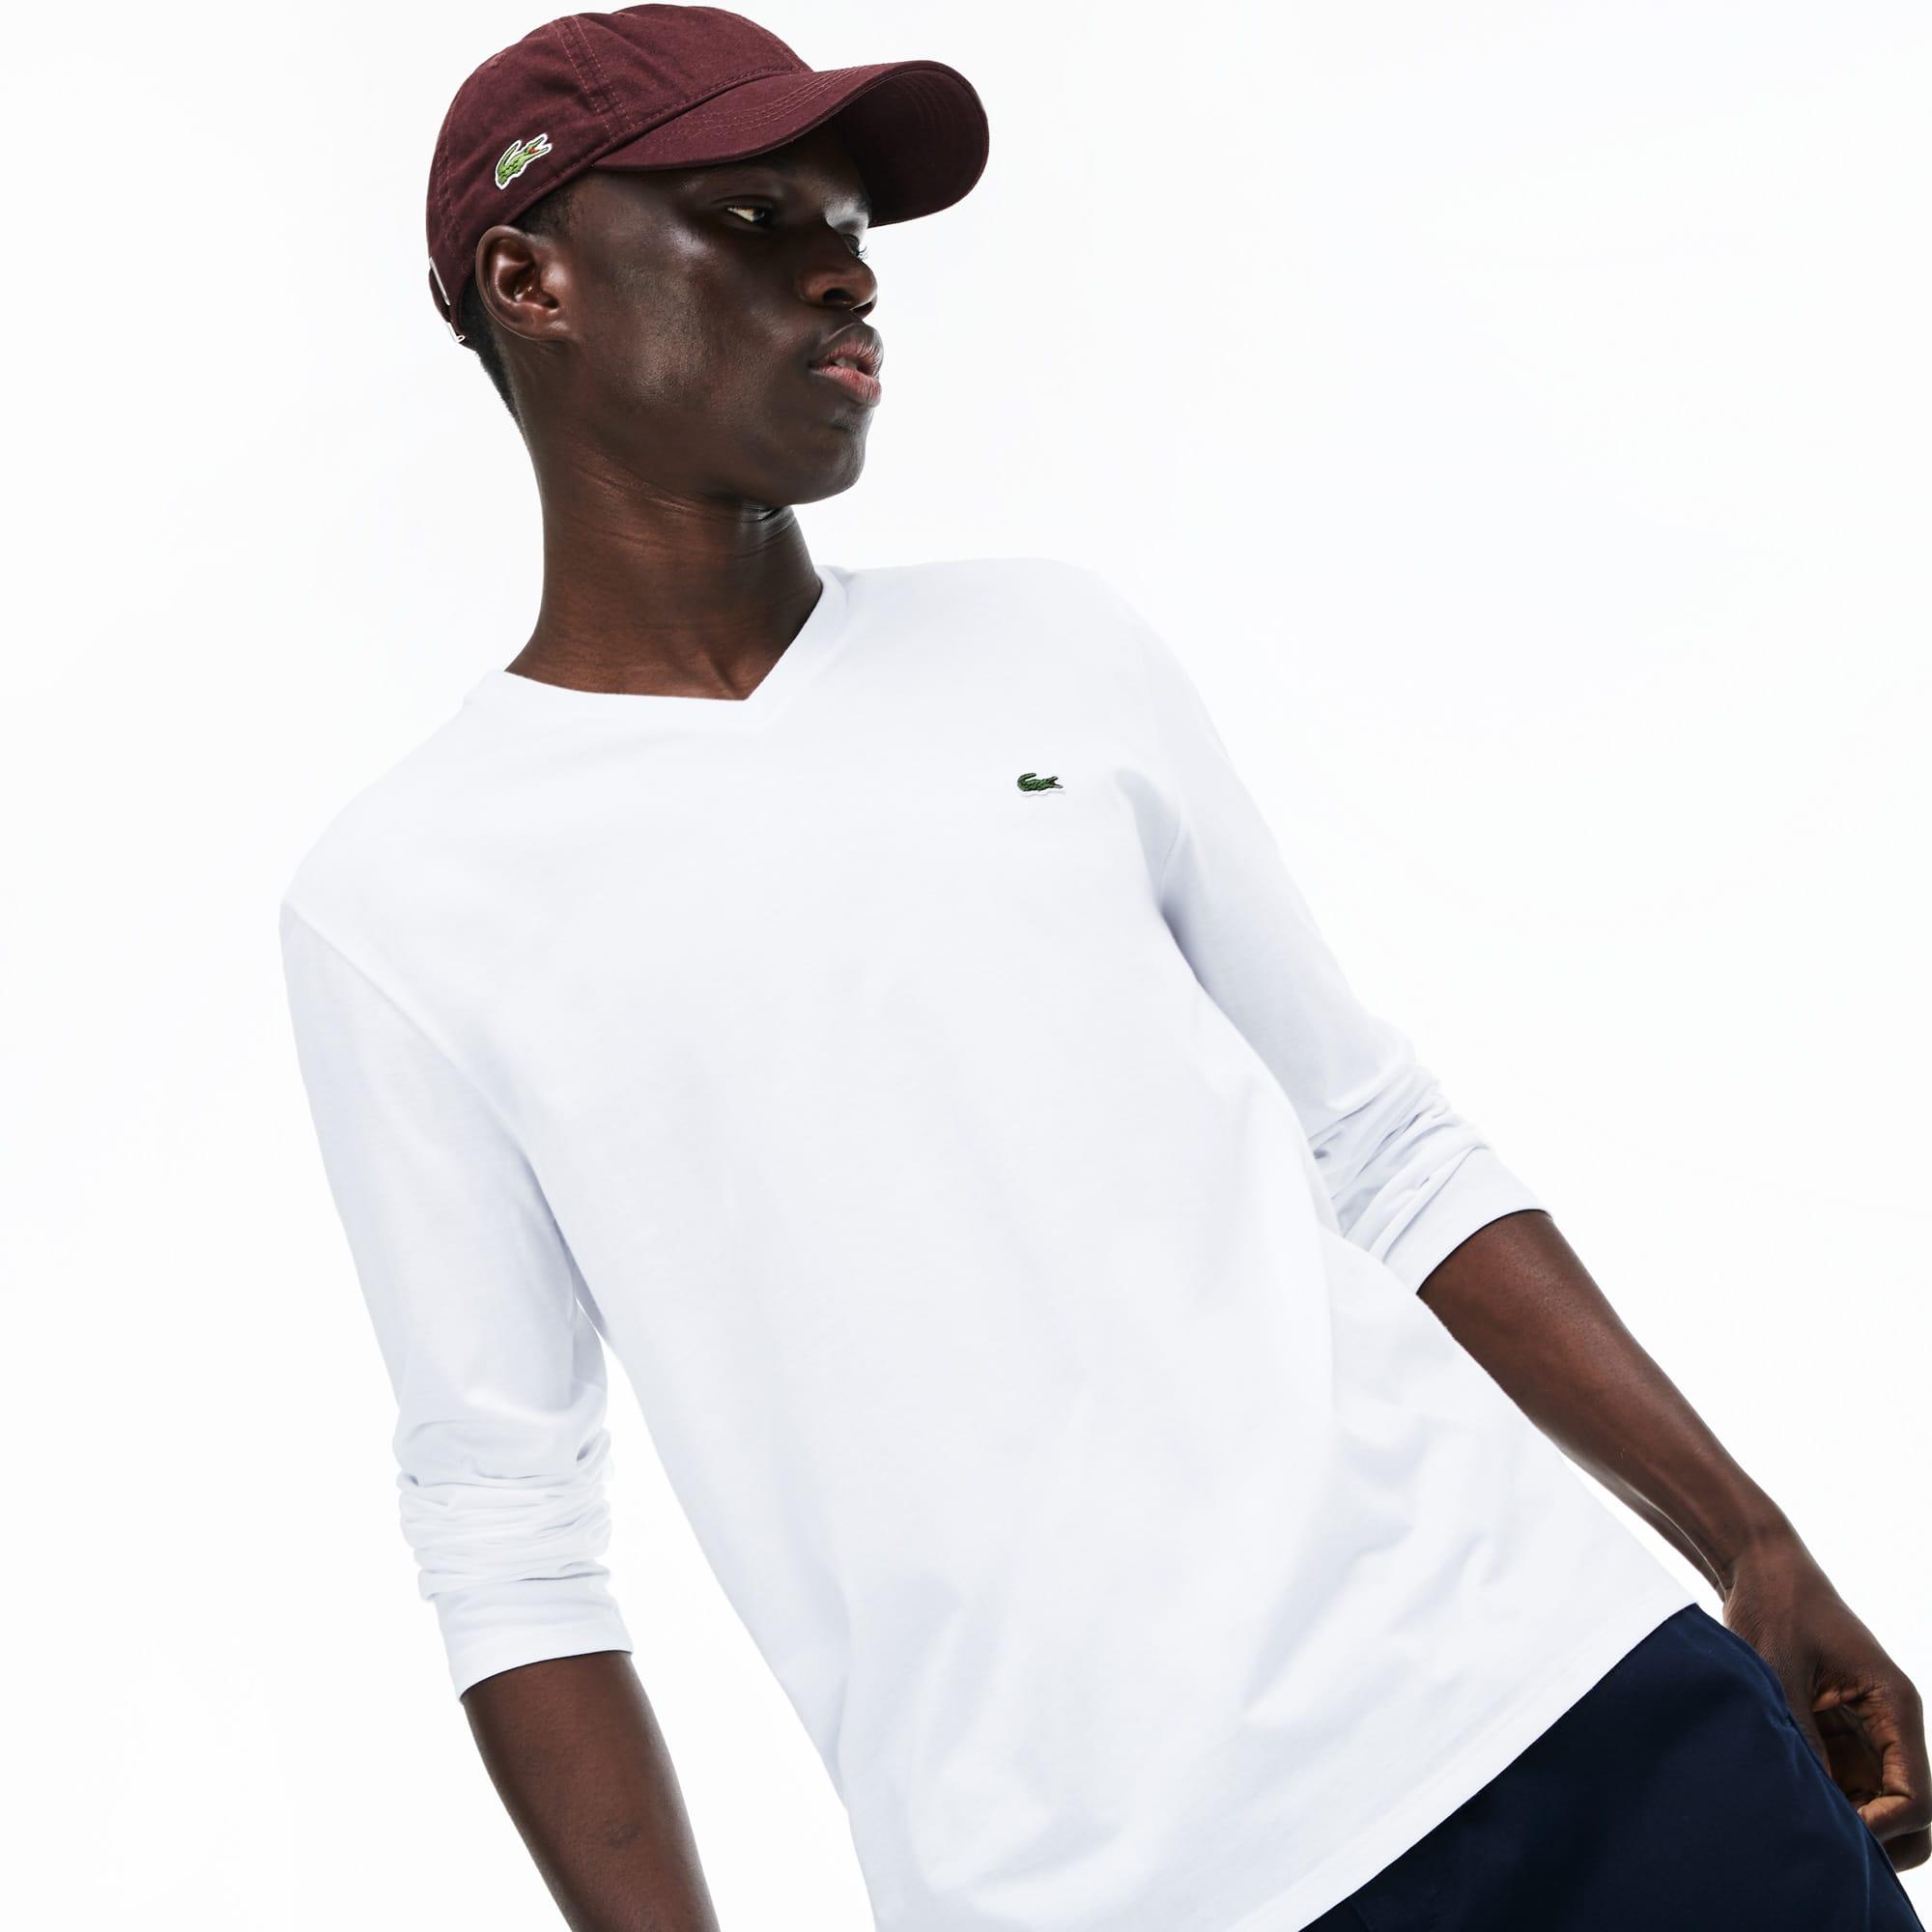 ca1bec4b56 Men's V-neck Soft Cotton T-shirt